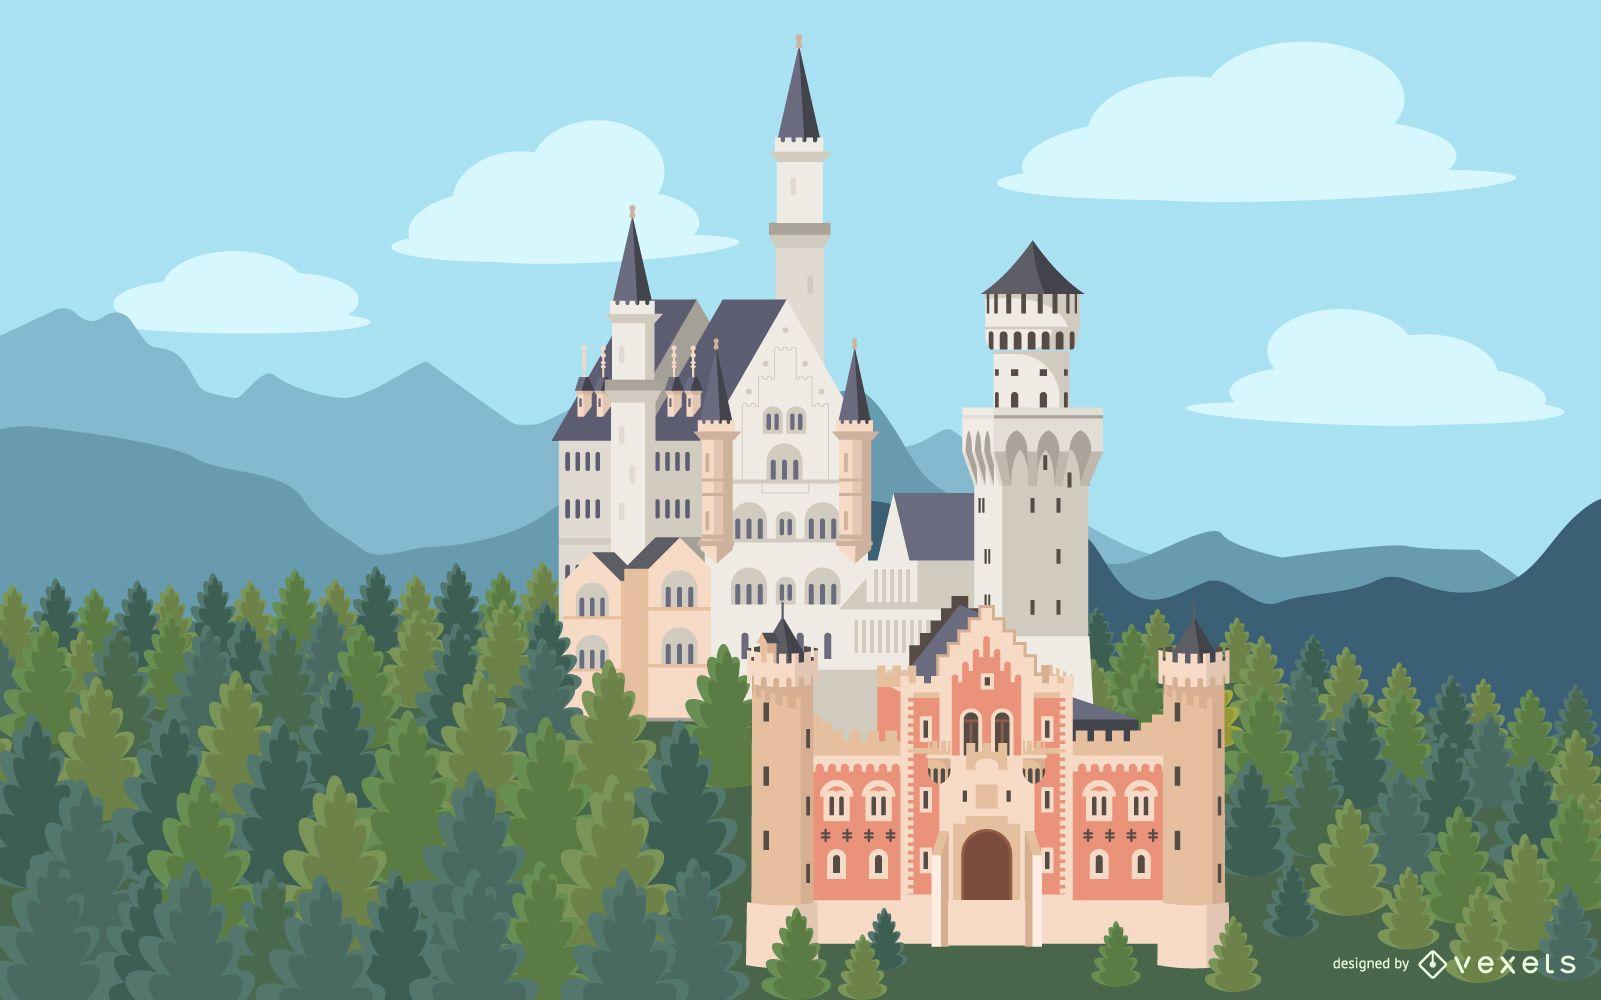 Diseño de ilustración del castillo de Neuschwanstein